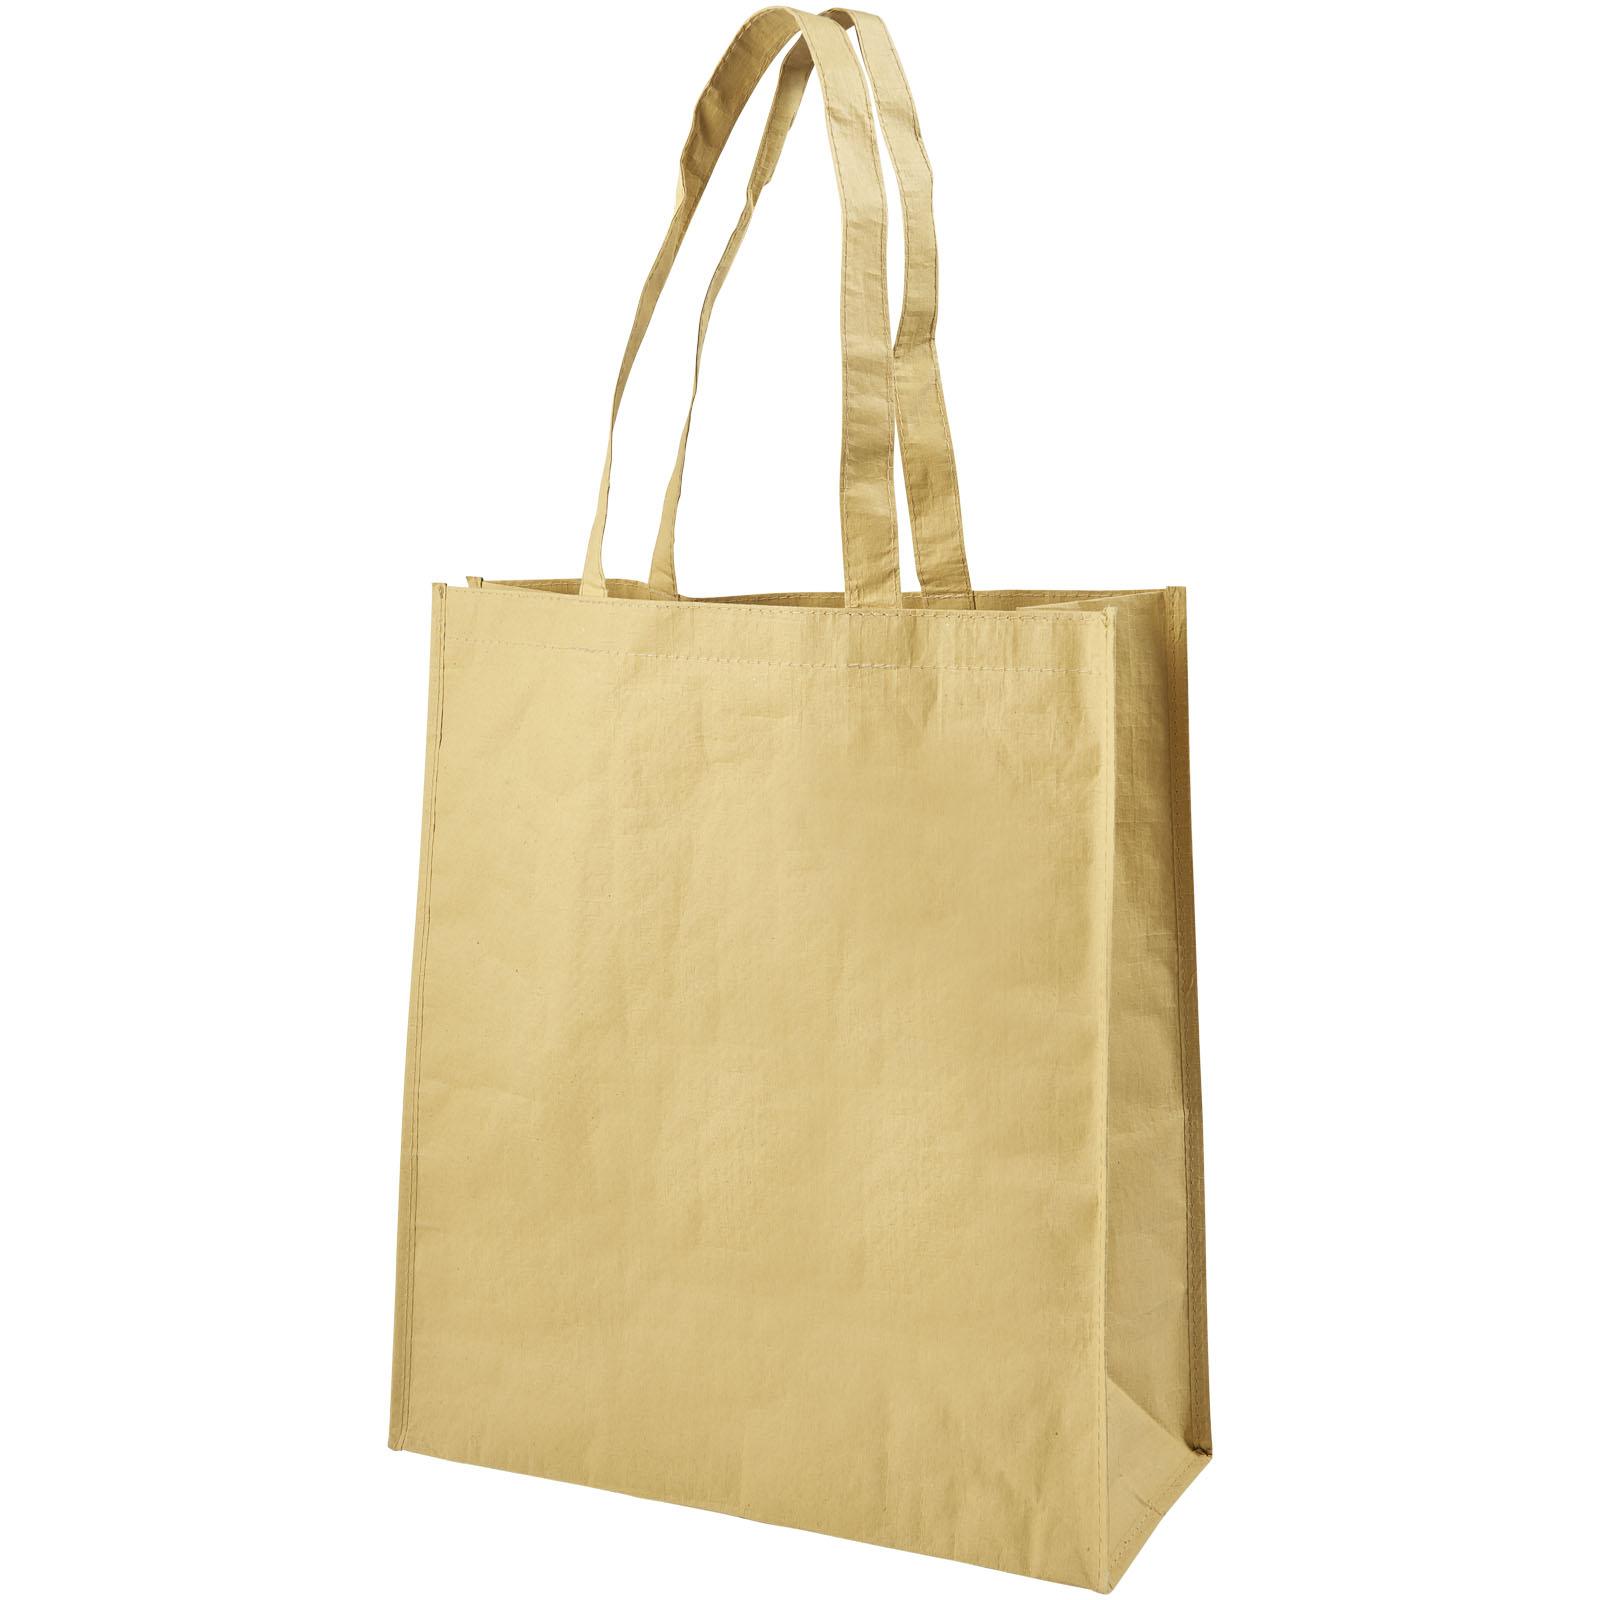 Afbeelding van 100st. Bedrukte Boodschappentas Papier geweven bedrukken tassen